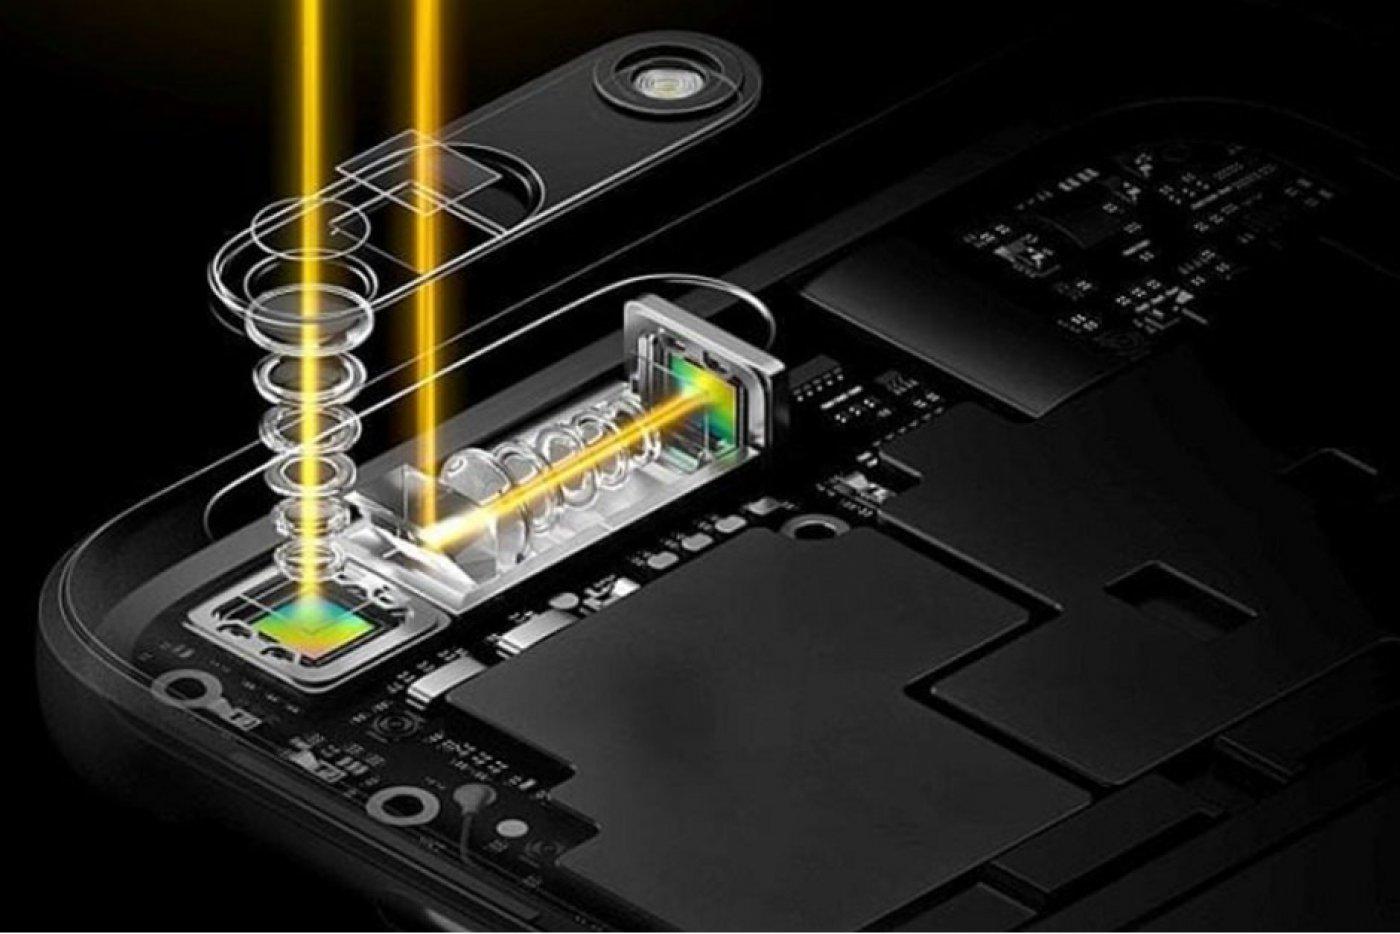 دوربین گوشی وانپلاس 7 به قابلیت زوم اپتیکال هیبرید 10X مجهز میشود